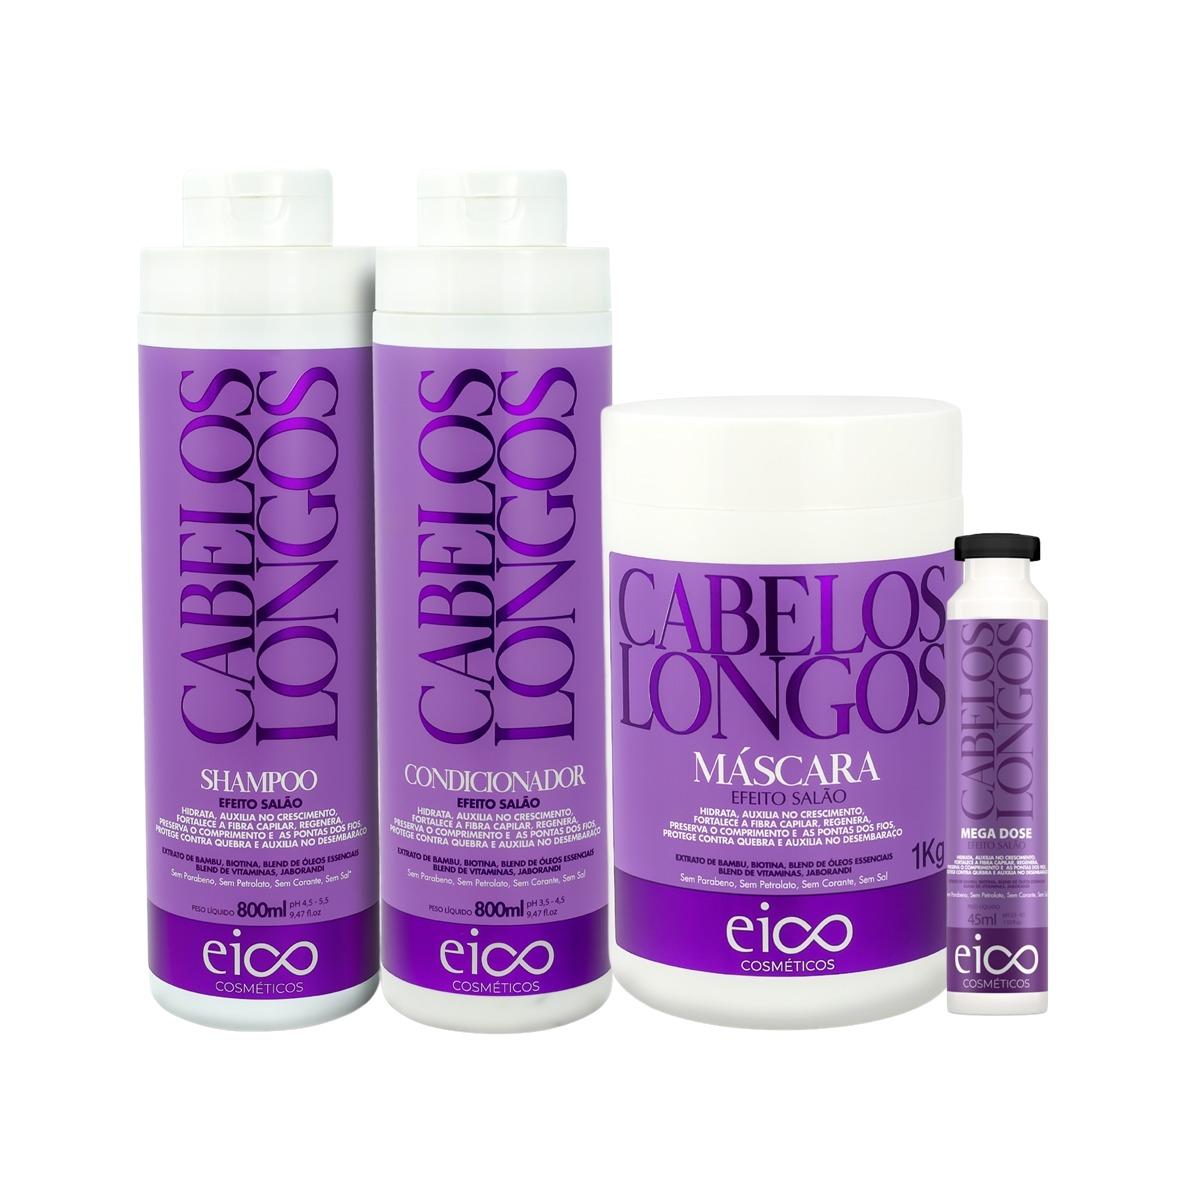 Eico Kit Cabelos Longos Sh + Cond 800ml + Máscara + Ampola